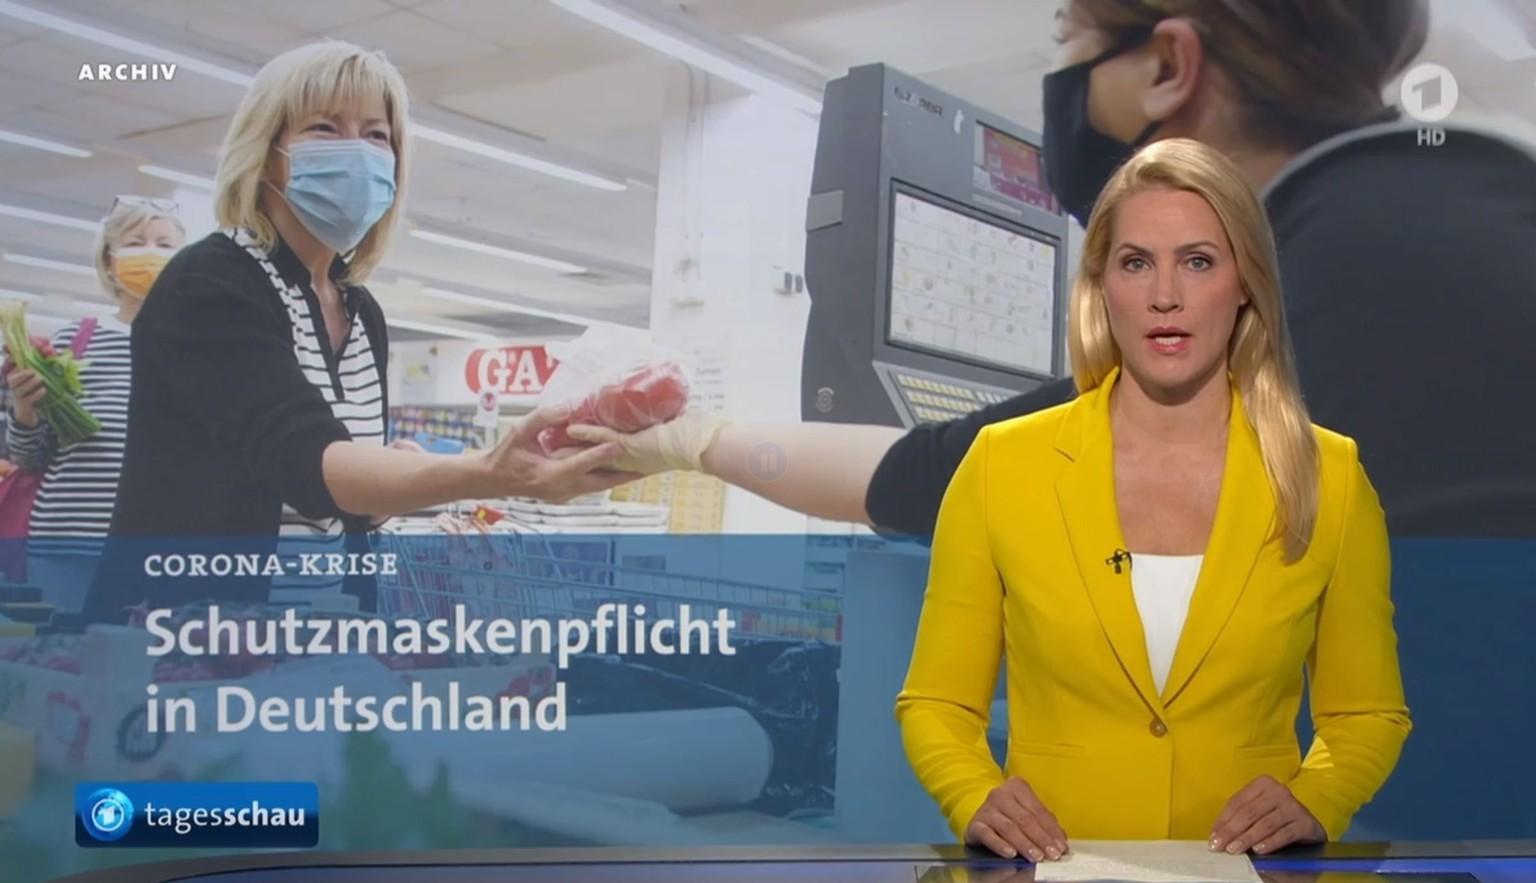 Leslie moderatorin pro7 newstime Newstime